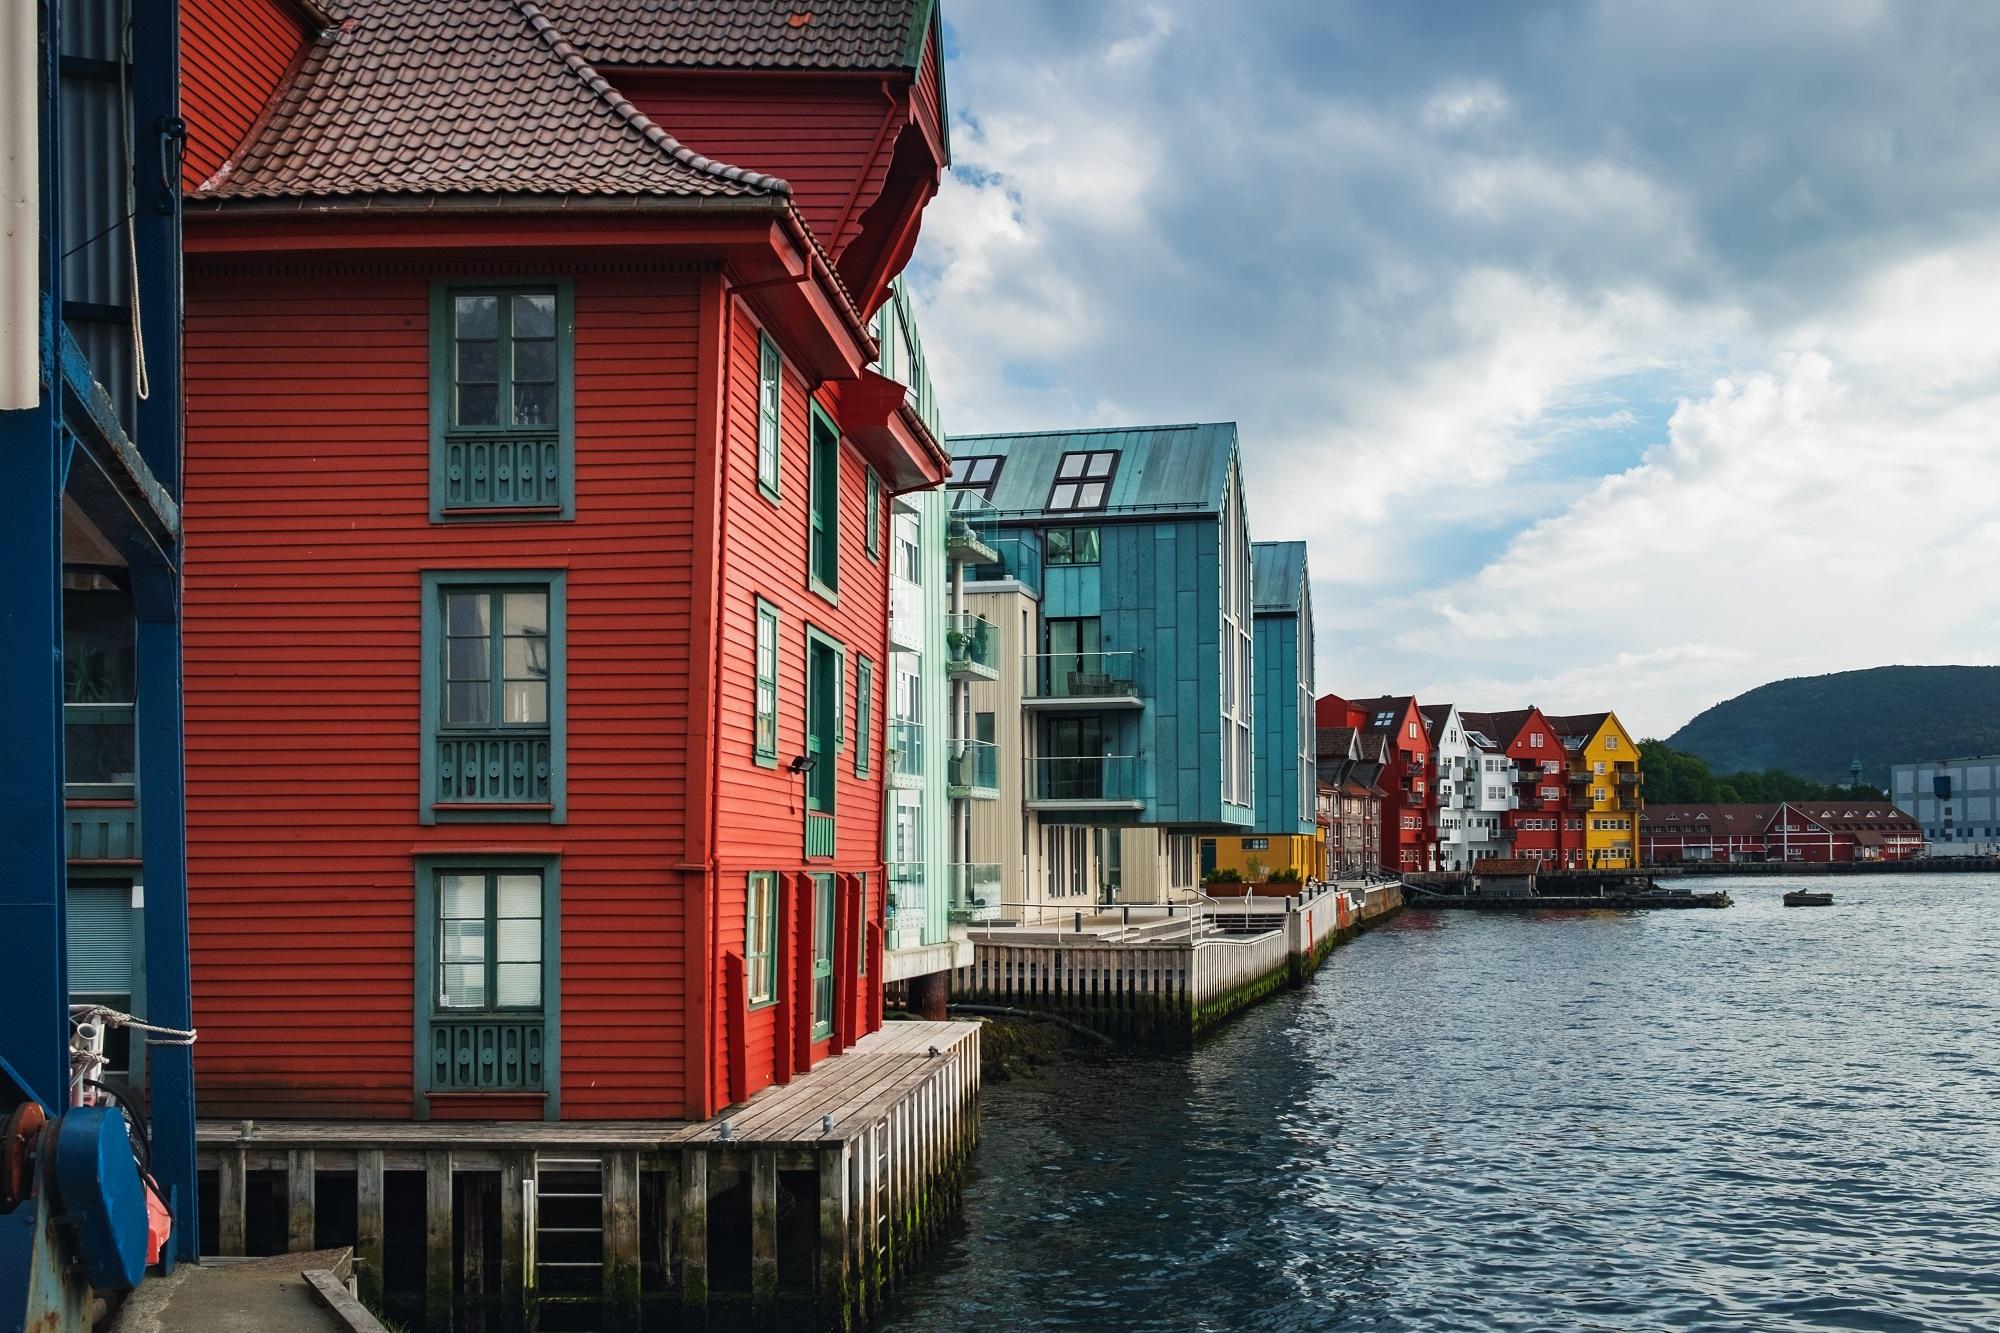 Brigene, Bergena, Norvēģija, koka apbūve, arhitektūra, hanzas laiks, piestātne, kuģu piestātne, UNESCO mantojums